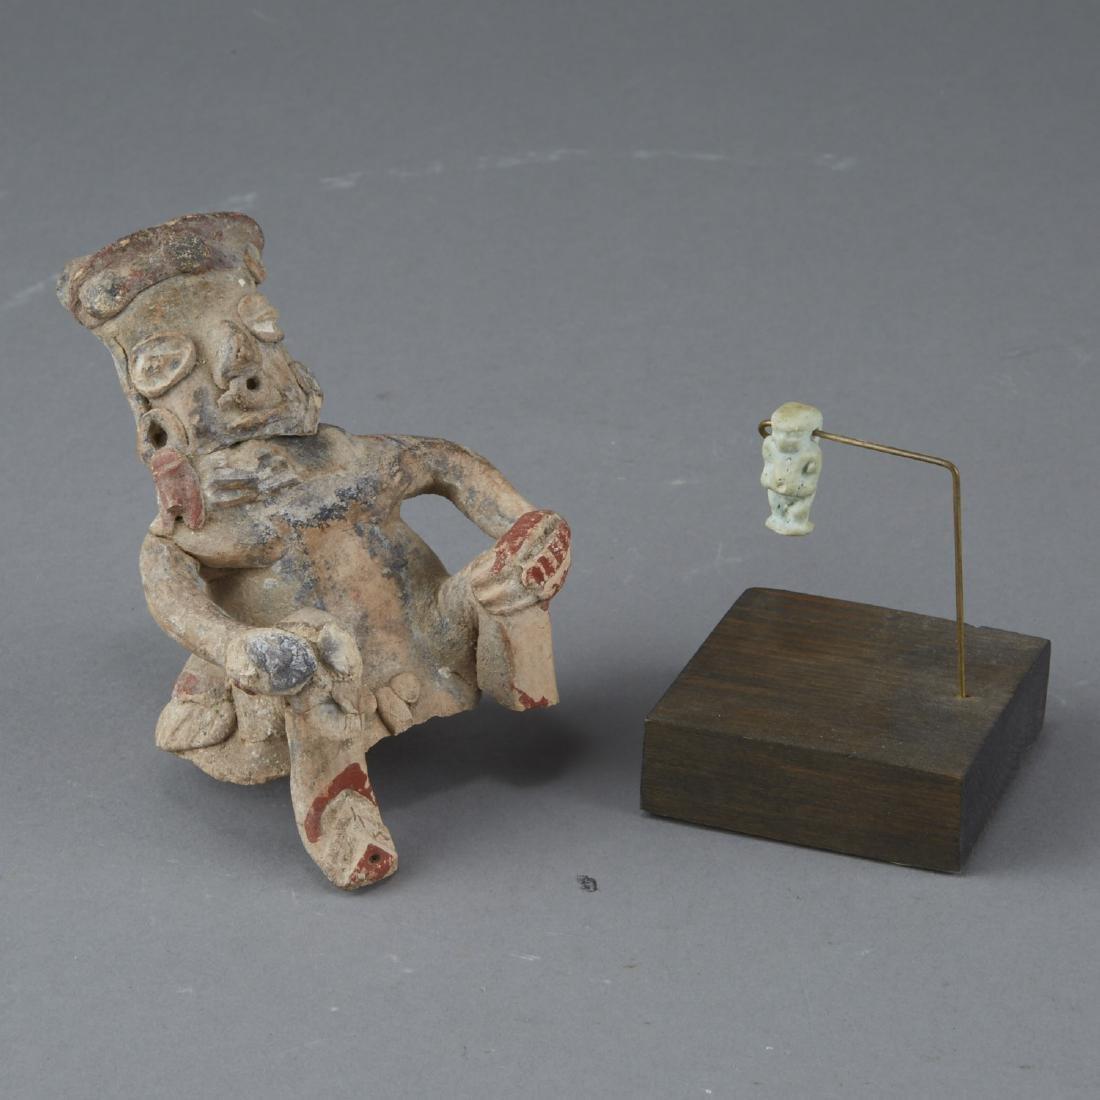 Lot of 2 Ancient Ceramic Figurines